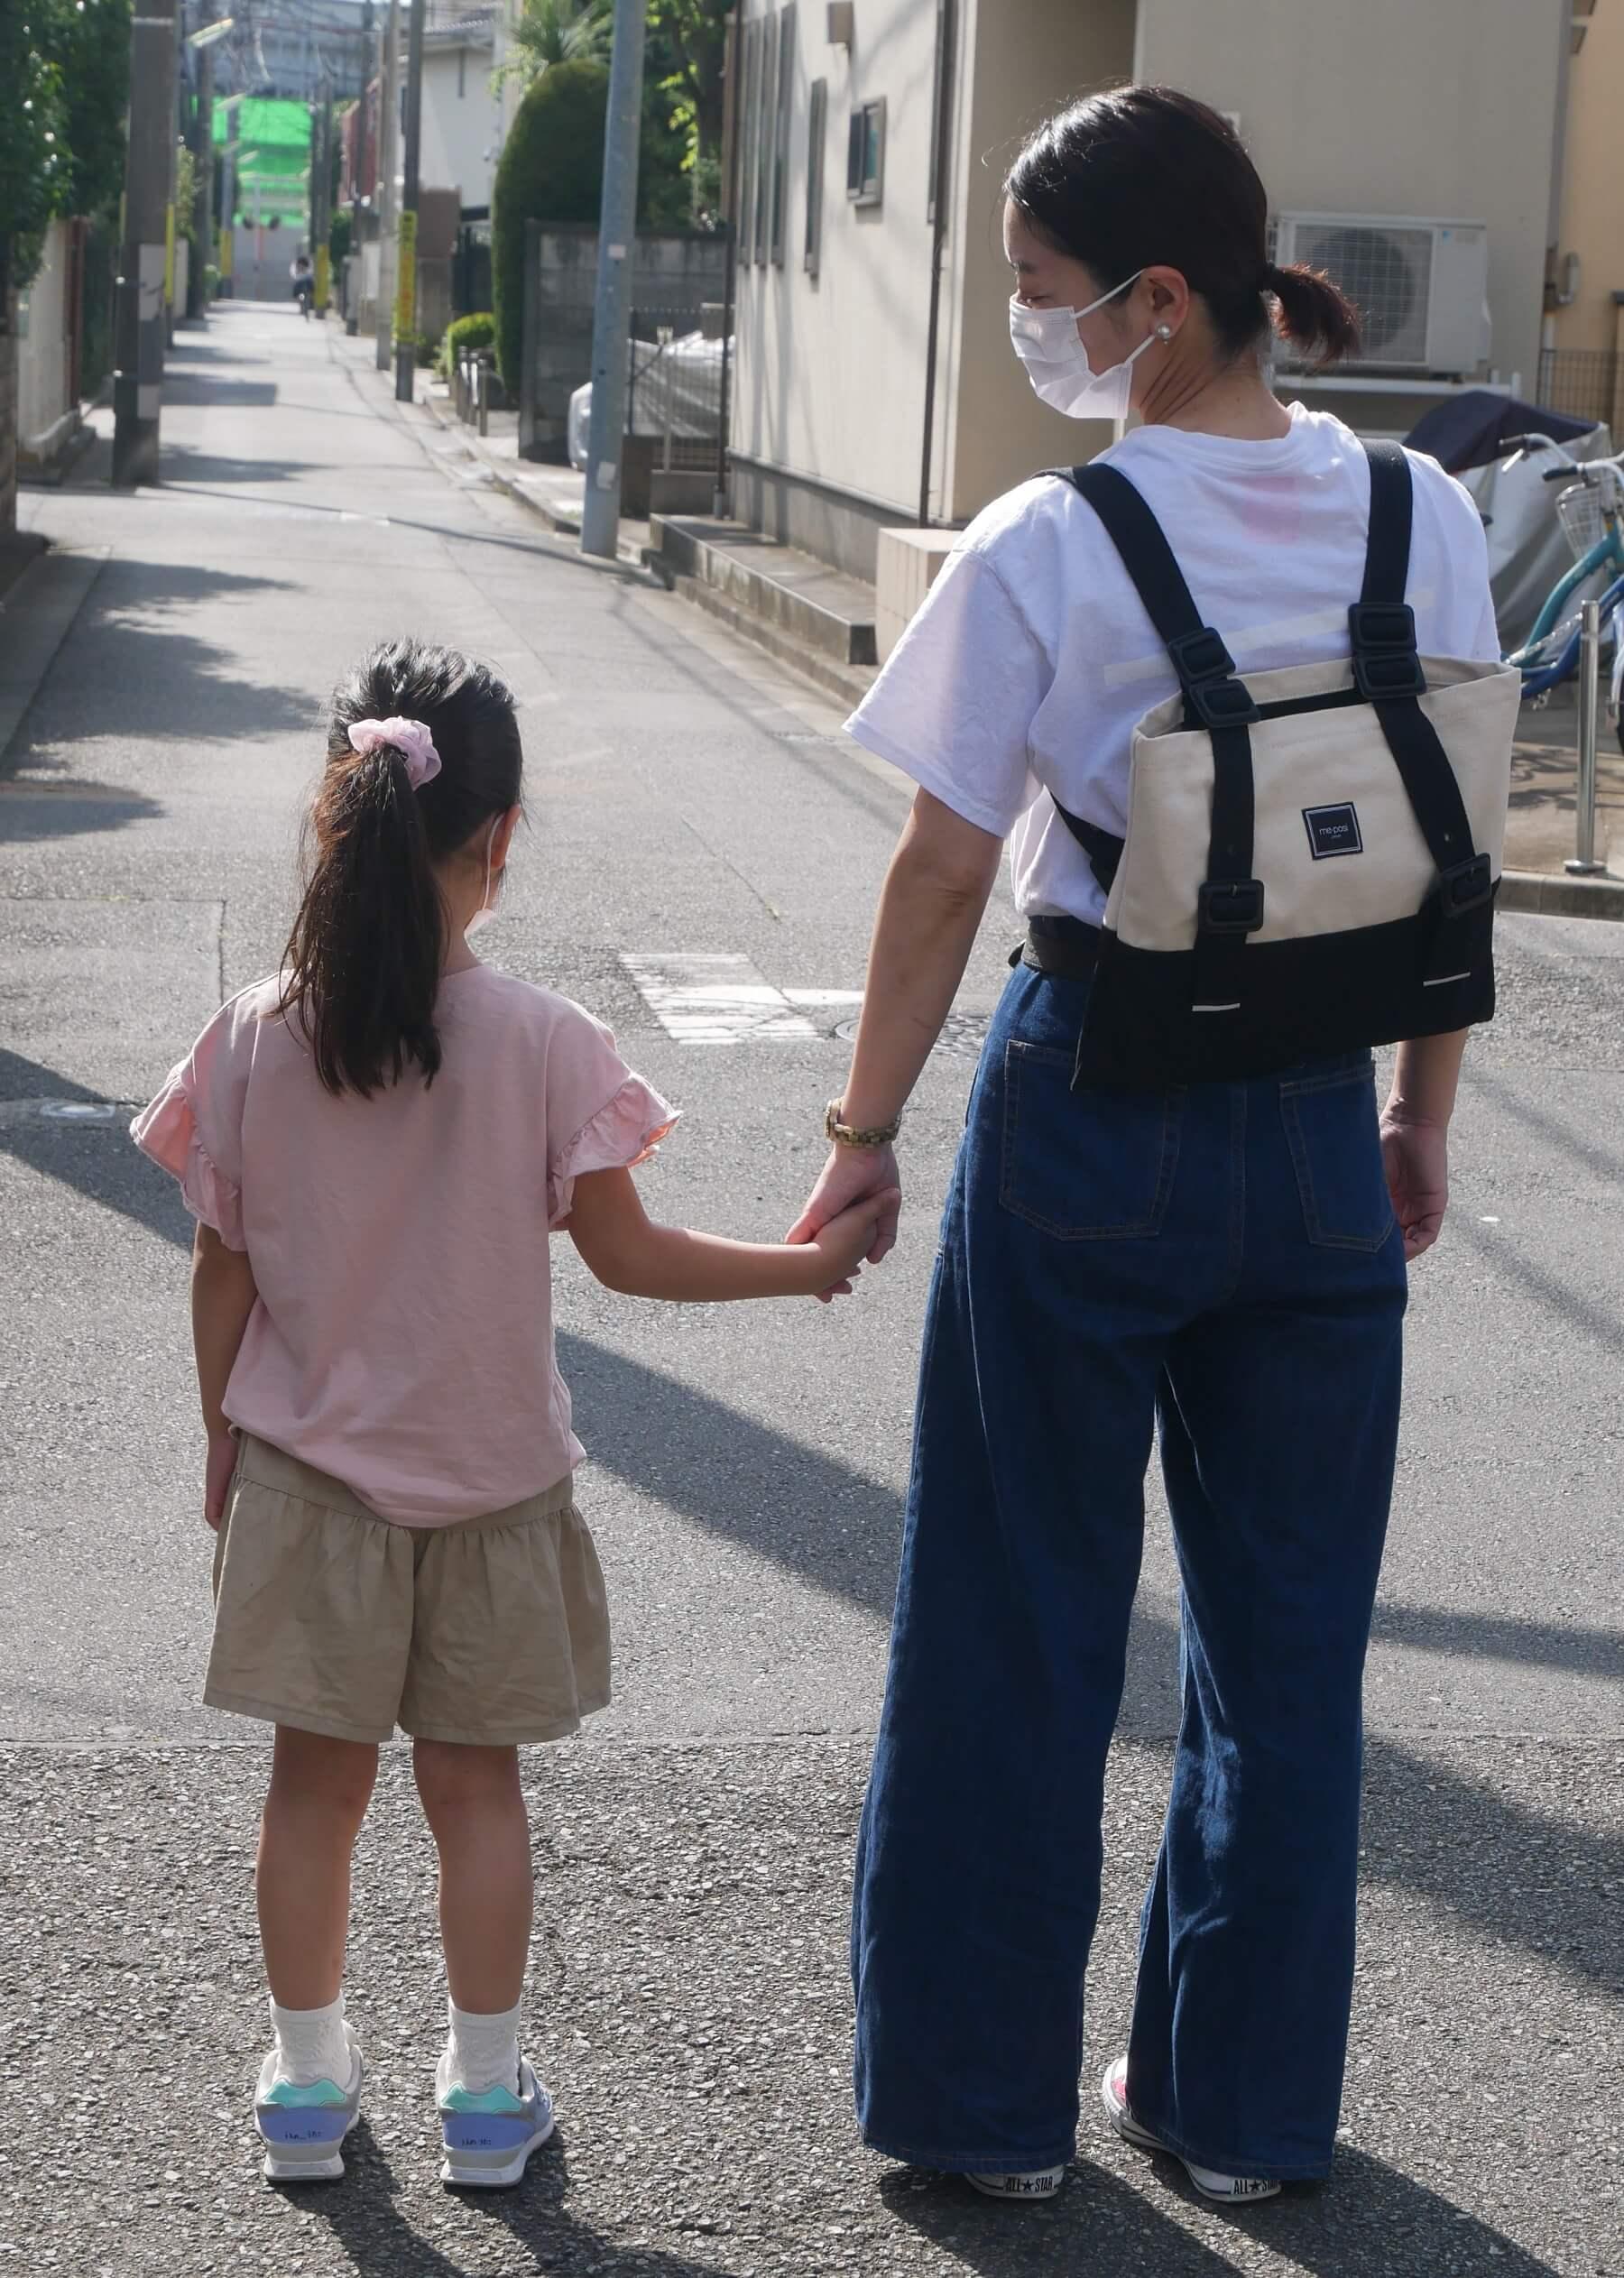 娘と公園や児童館に行くときも、両手があくリュックスタイルにできるのは助かります(そろそろ見守りに徹したいのですが、まだまだ全力で遊びにつき合わされます…)。